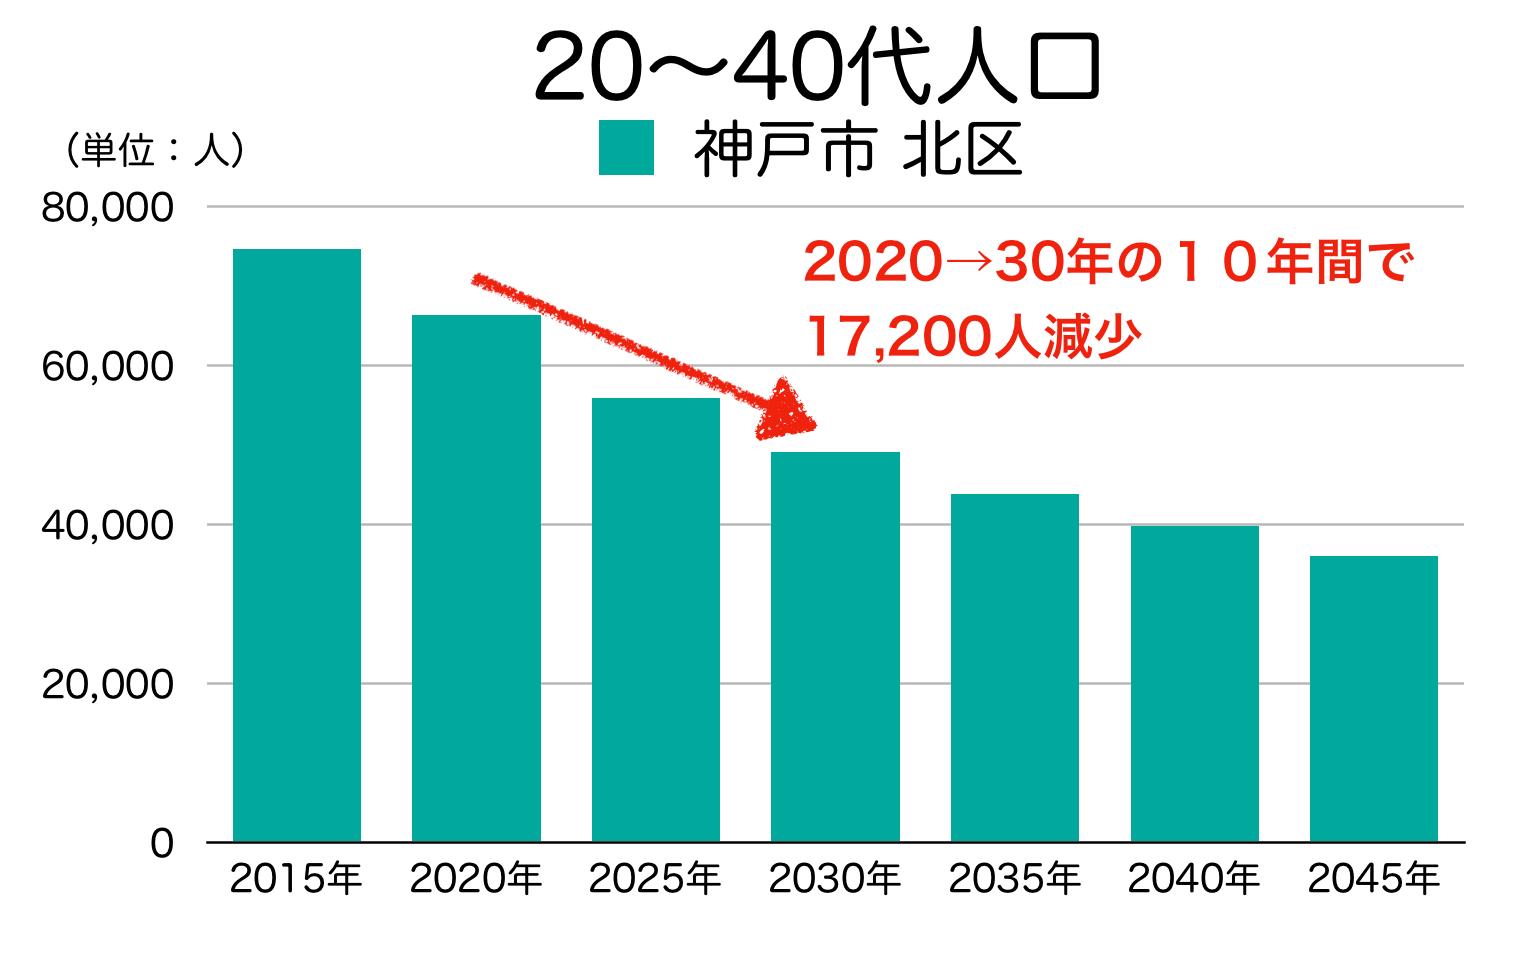 神戸市北区の20〜40代人口の予測